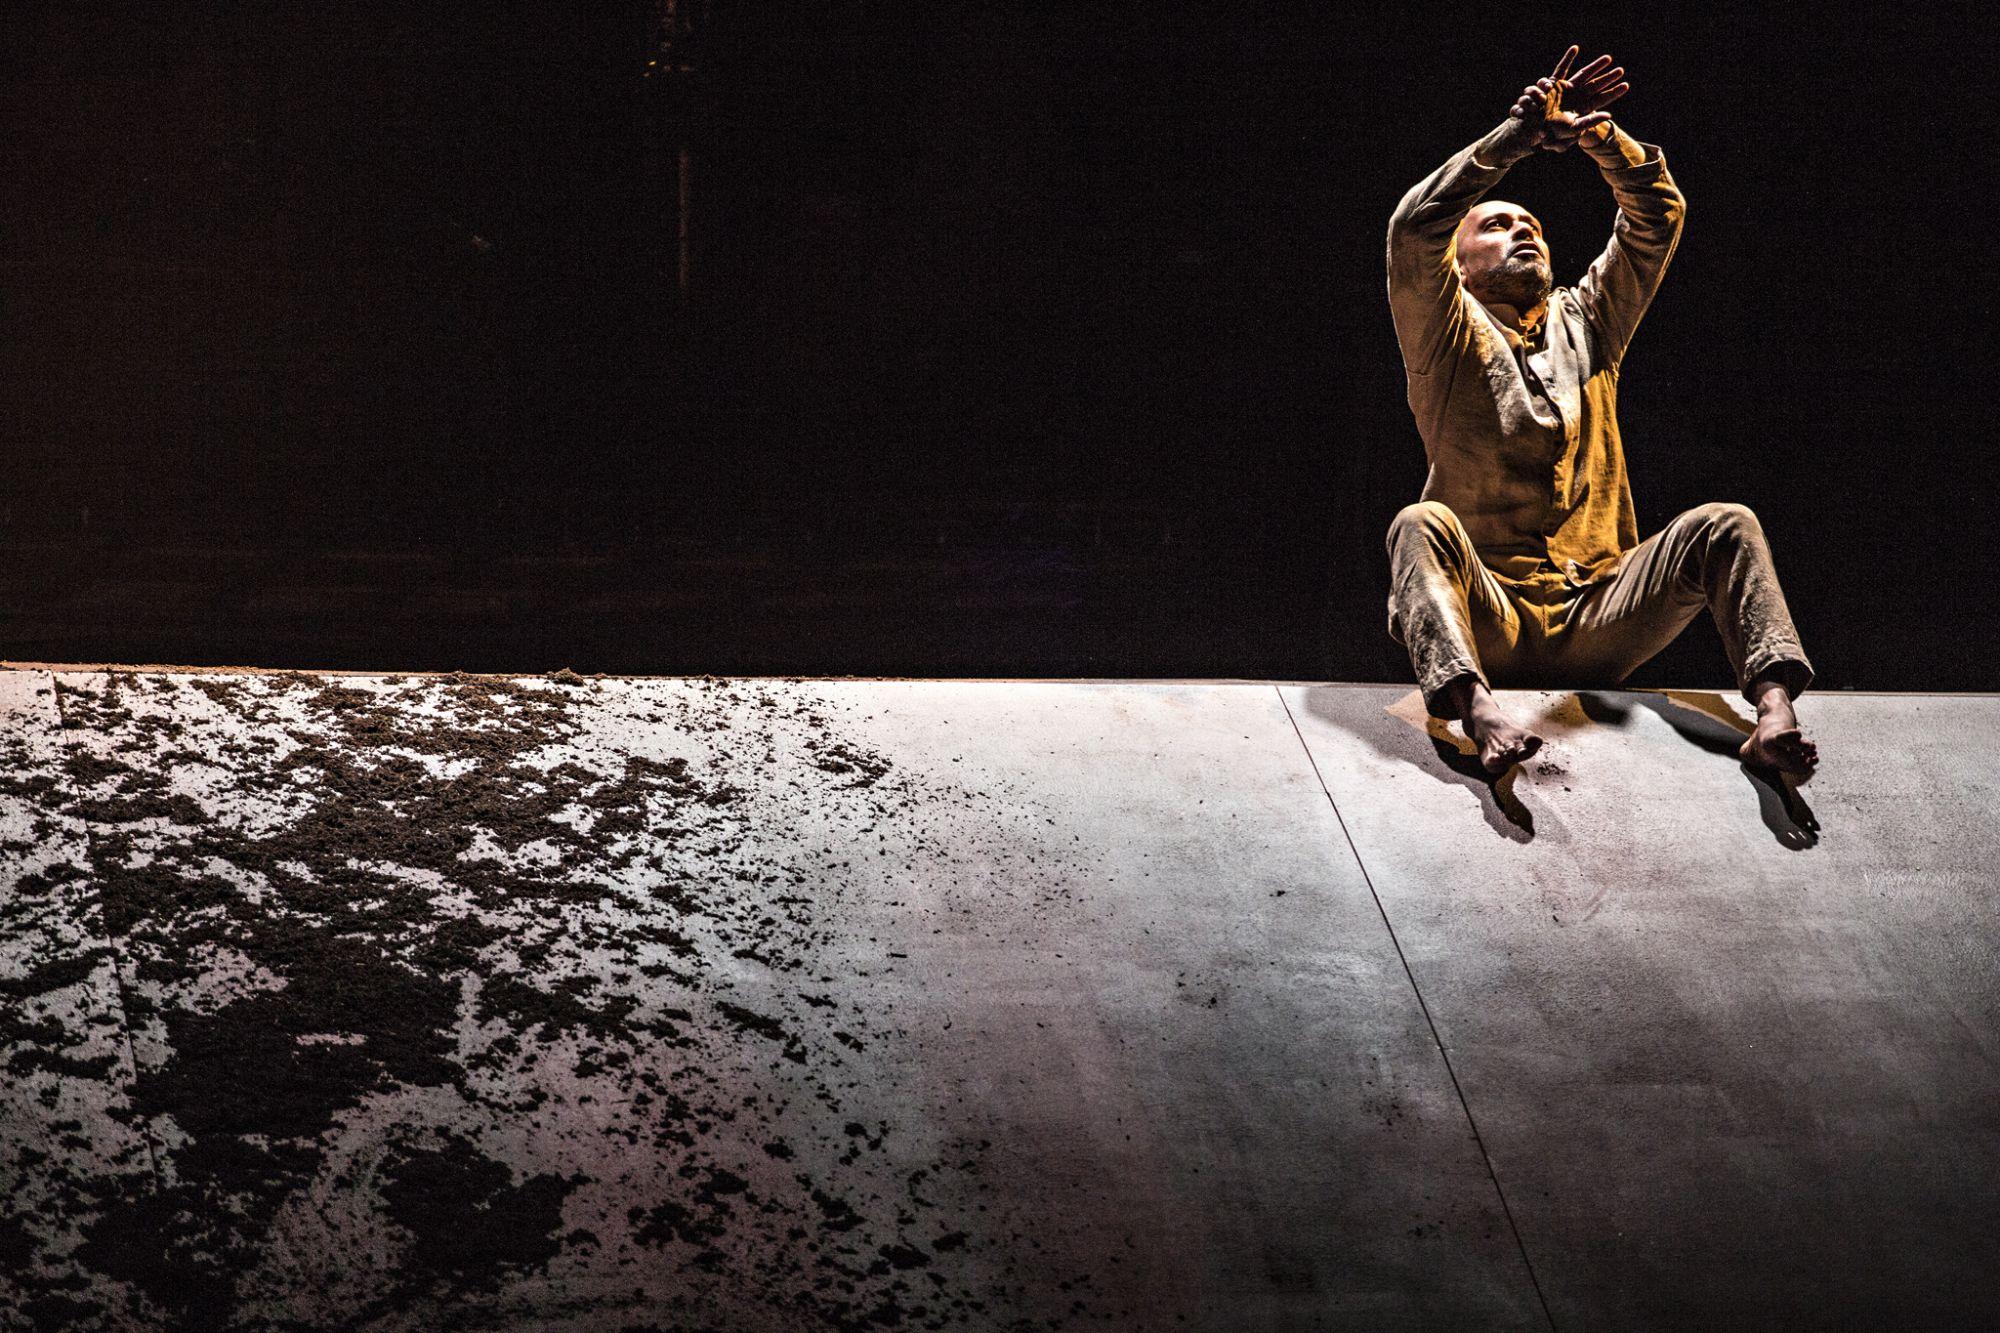 阿喀郎・汗舞團《陌生人》©Jean-Louis Fernandez014